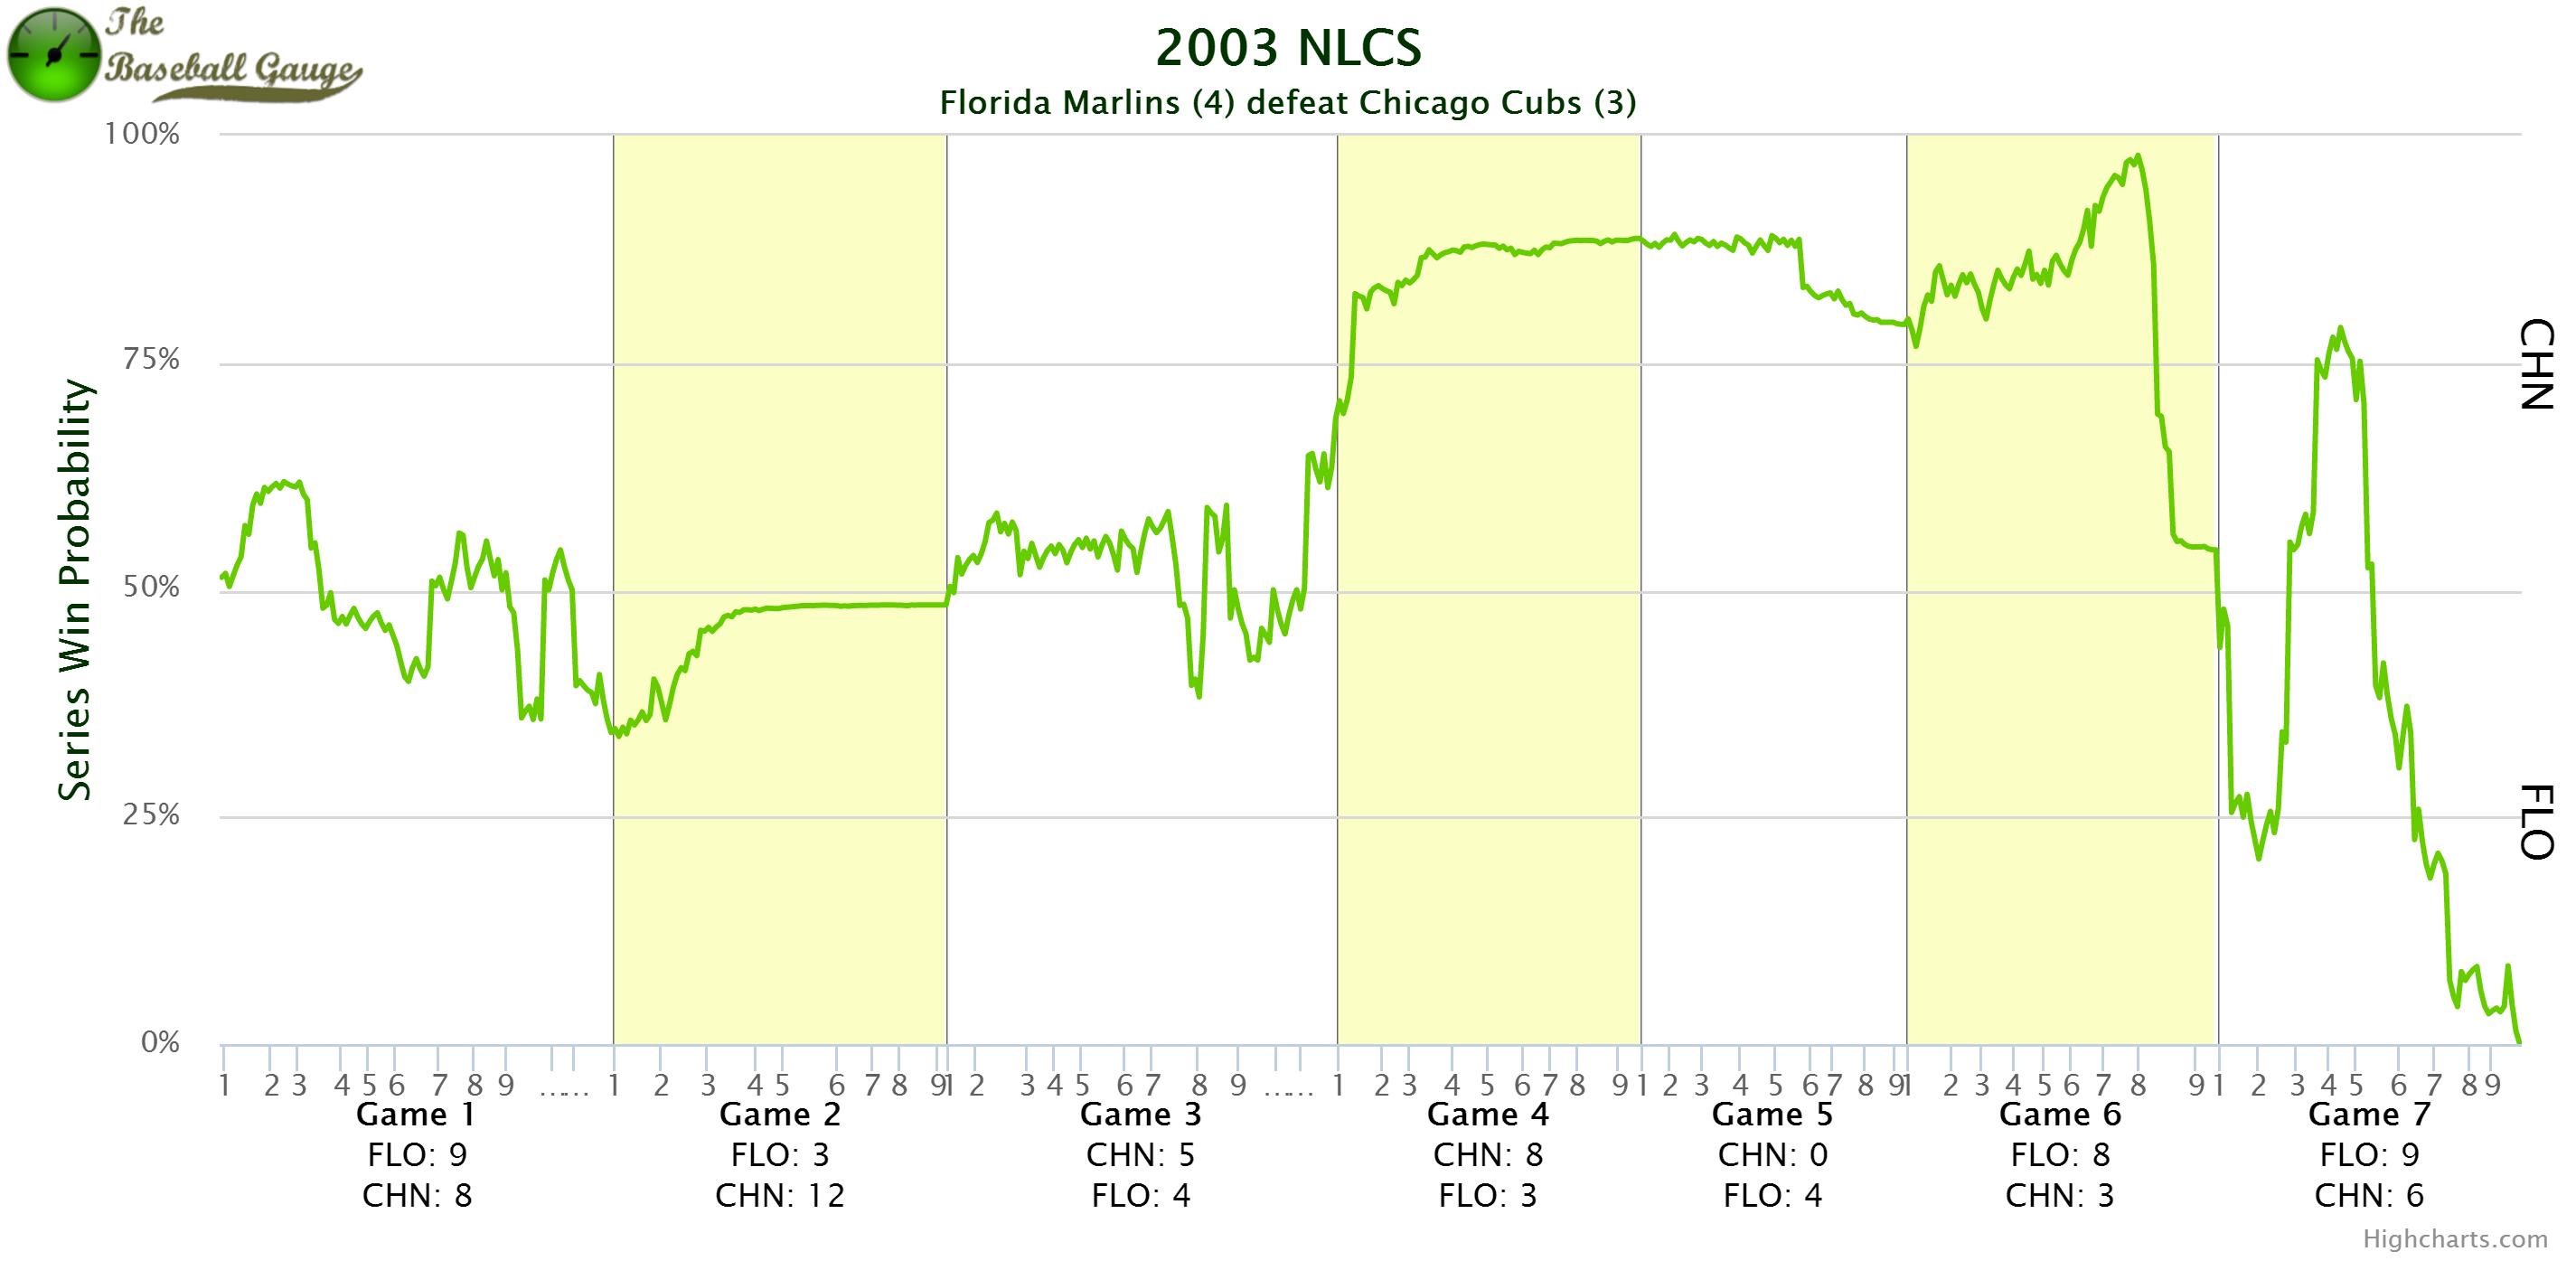 2003NLCS